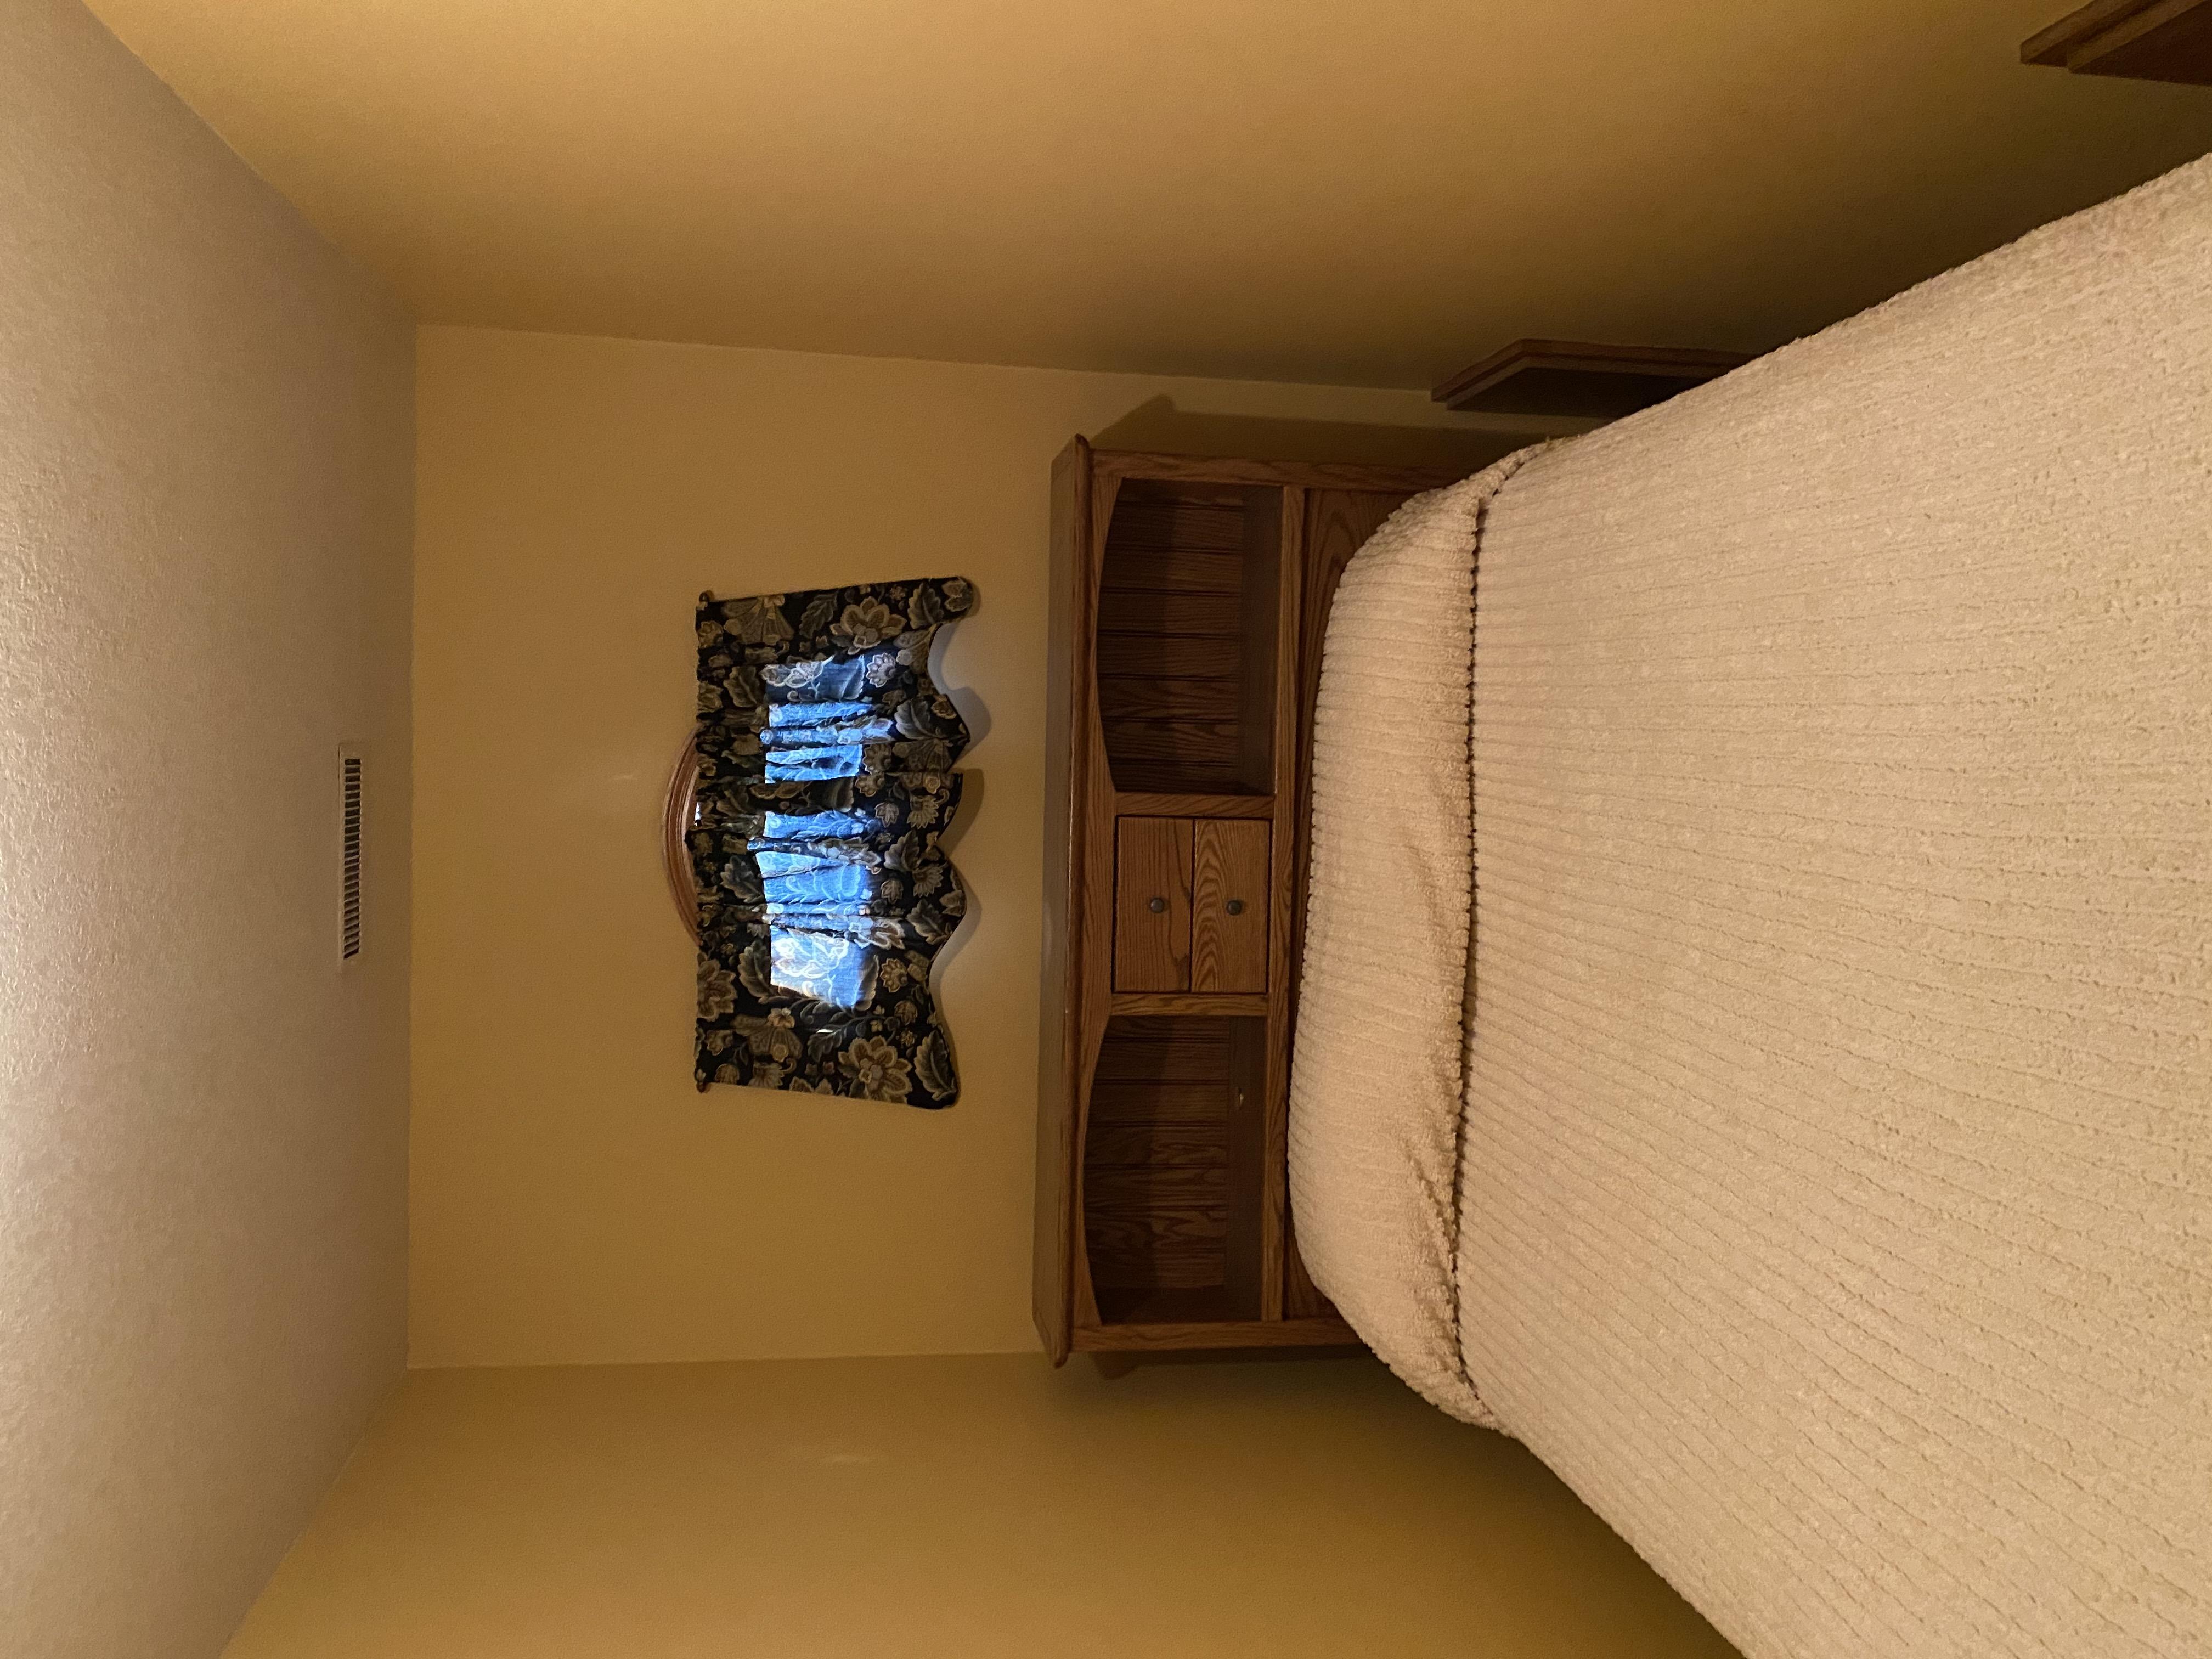 2058 HIllside Ave Mondamin bedroom9